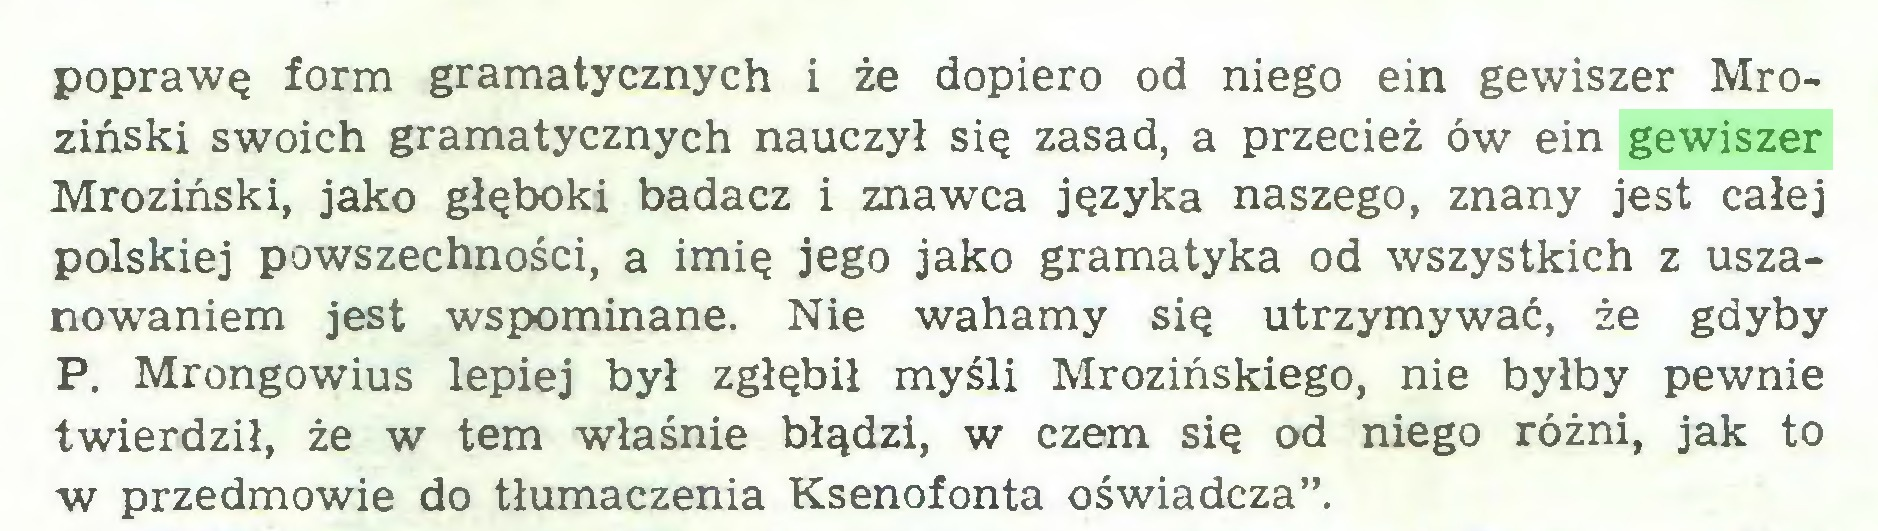 """(...) poprawę form gramatycznych i że dopiero od niego ein gewiszer Mroziński swoich gramatycznych nauczył się zasad, a przecież ów ein gewiszer Mroziński, jako głęboki badacz i znawca języka naszego, znany jest całej polskiej powszechności, a imię jego jako gramatyka od wszystkich z uszanowaniem jest wspominane. Nie wahamy się utrzymywać, że gdyby P. Mrongowius lepiej był zgłębił myśli Mrozińskiego, nie byłby pewnie twierdził, że w tern właśnie błądzi, w czem się od niego różni, jak to w przedmowie do tłumaczenia Ksenofonta oświadcza""""..."""